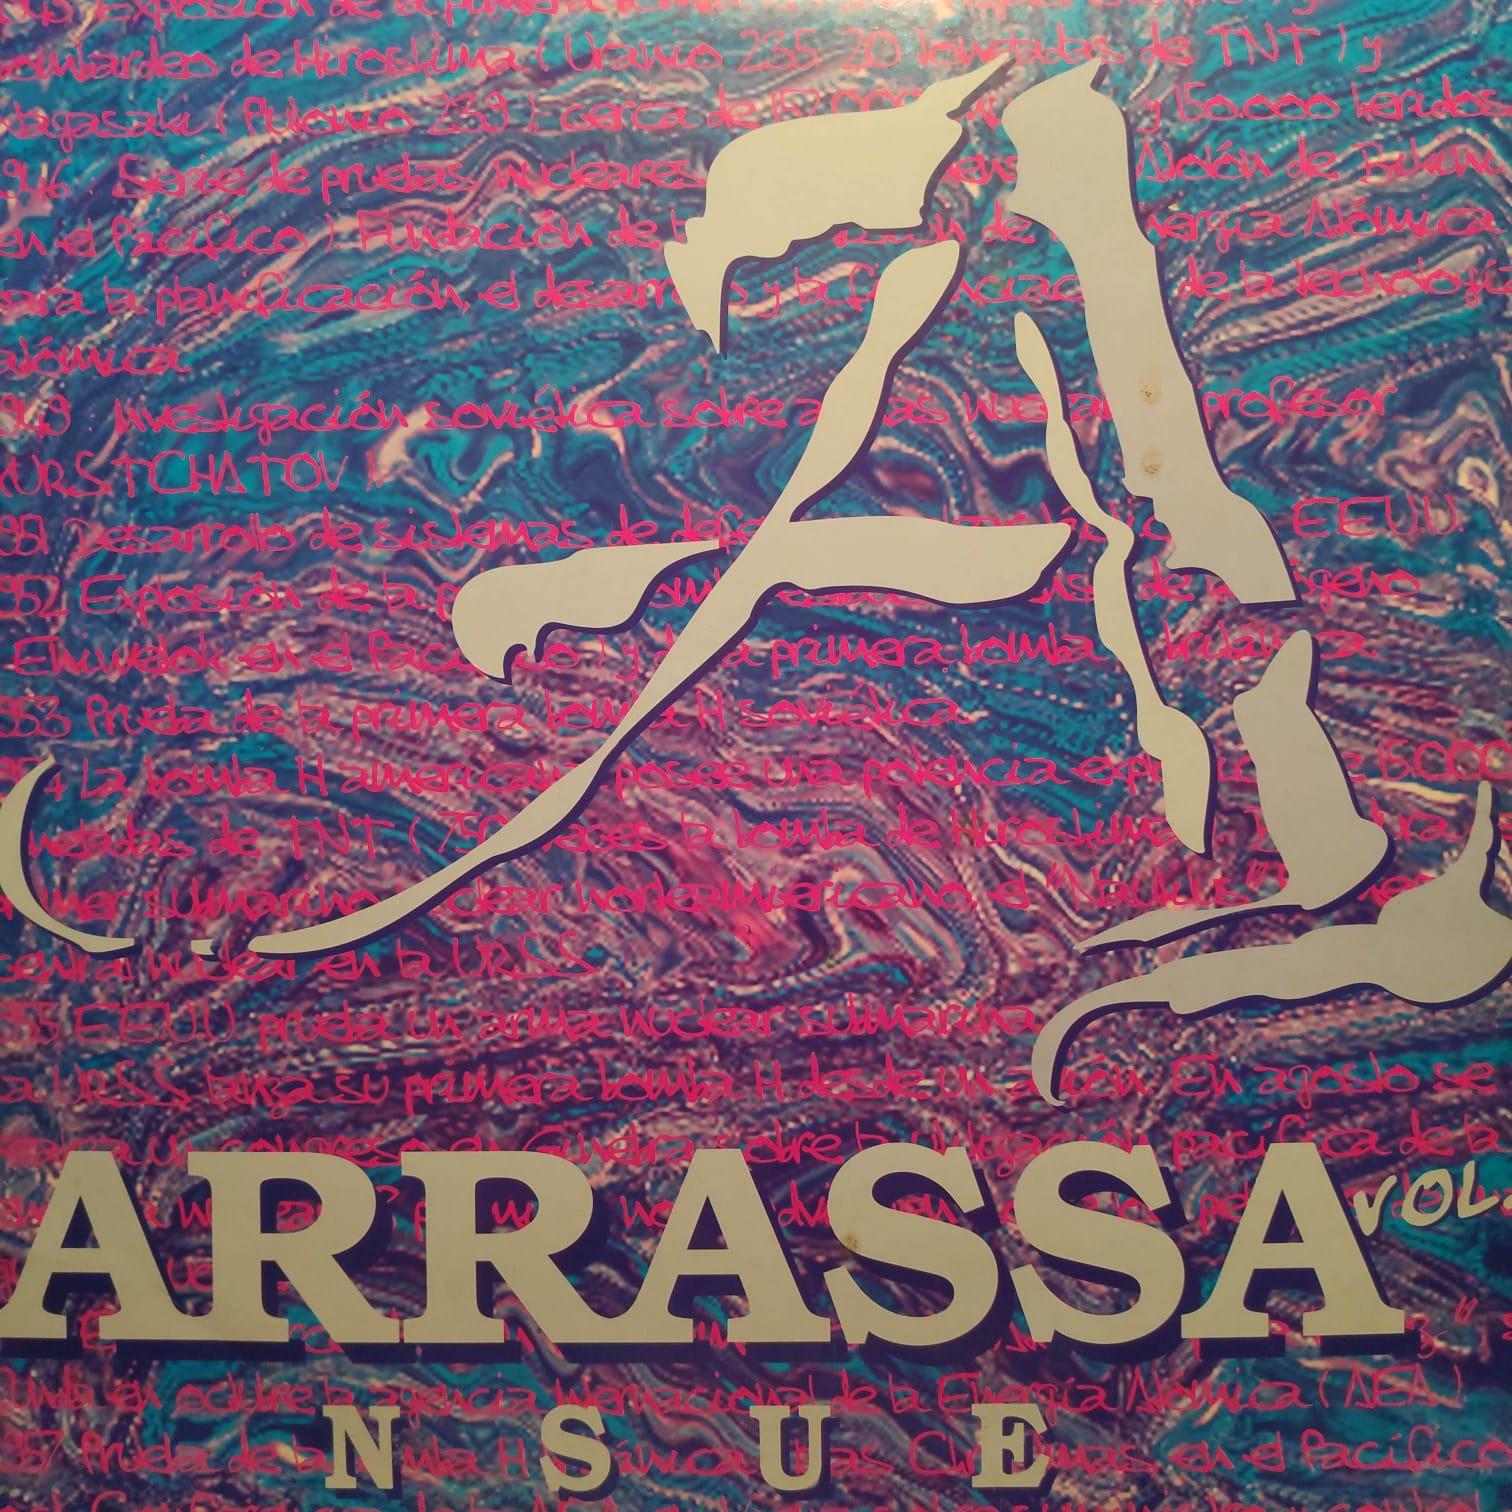 (V0237) Arrassa – Vol. 1 - No Dudaria